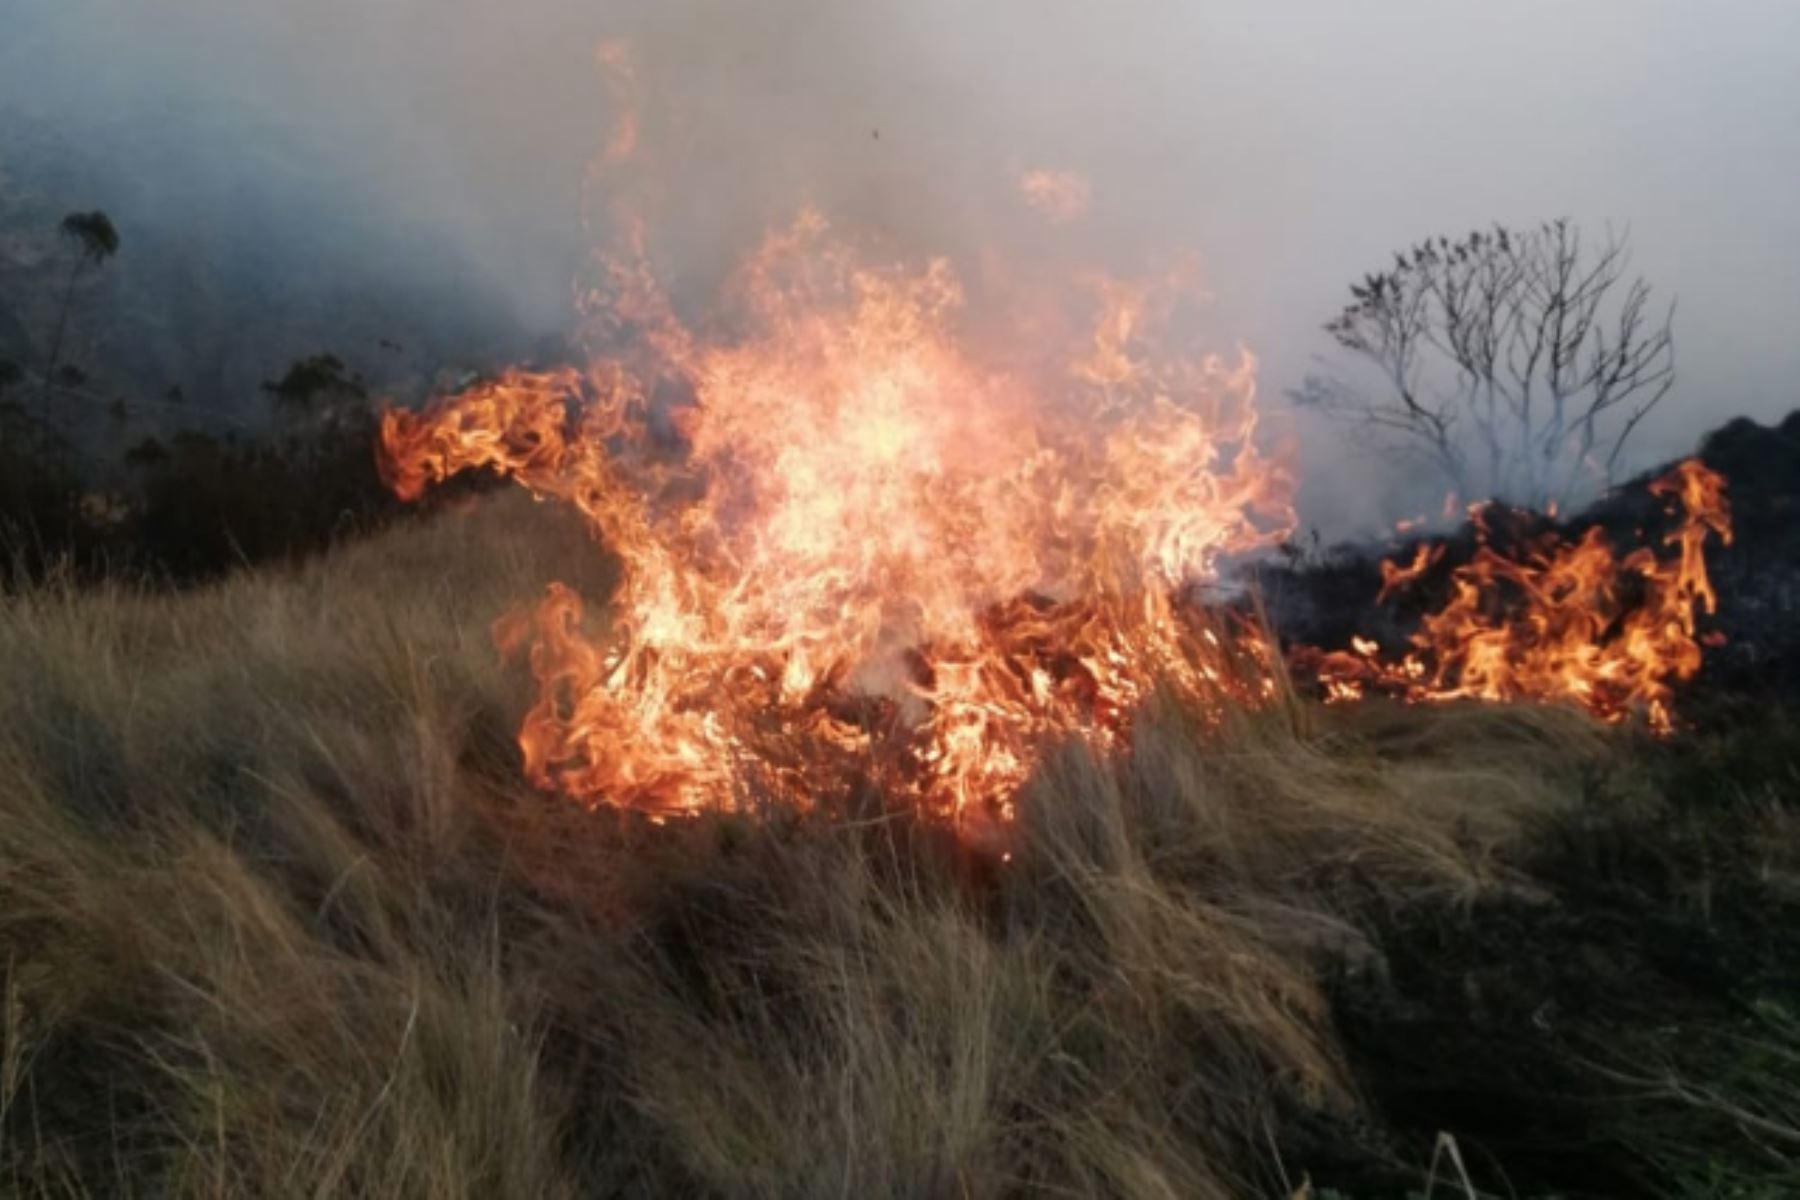 Incendio forestal en distrito de Ocongate, en Cusco, deja 8 muertos y 35 heridos, informó la Policía Nacional. ANDINA/Difusión